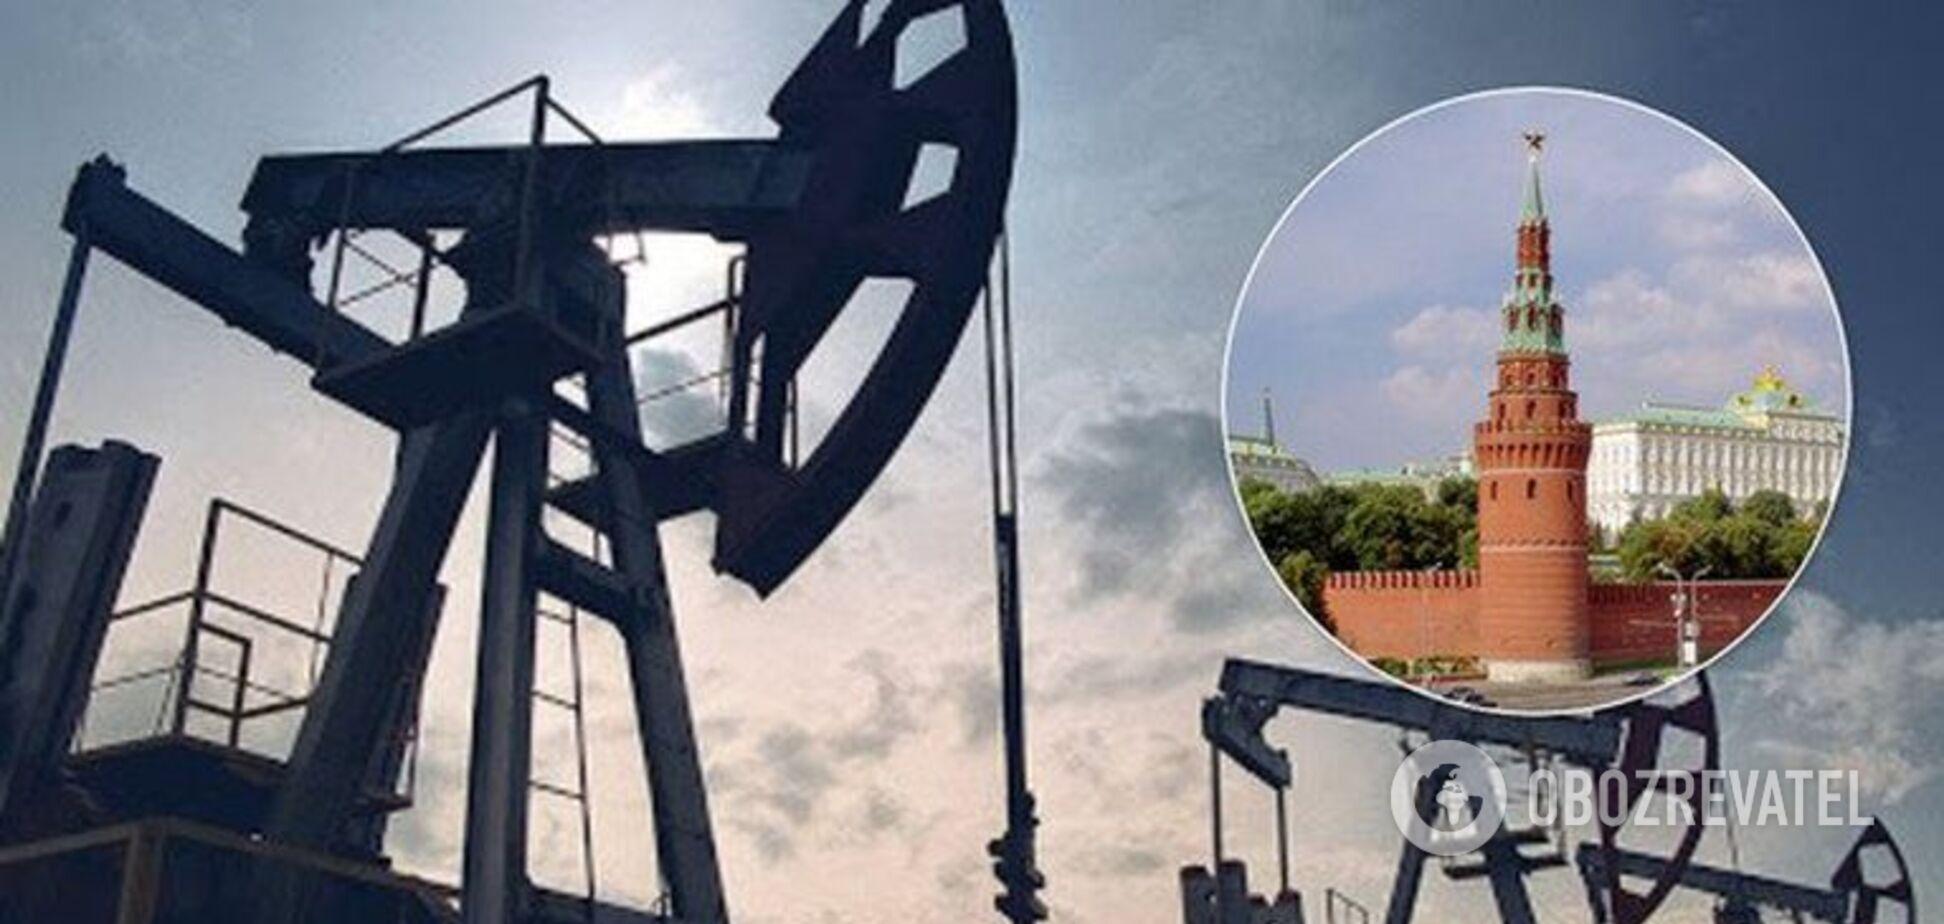 Цена на нефть упала до 13 долларов: России будет плохо